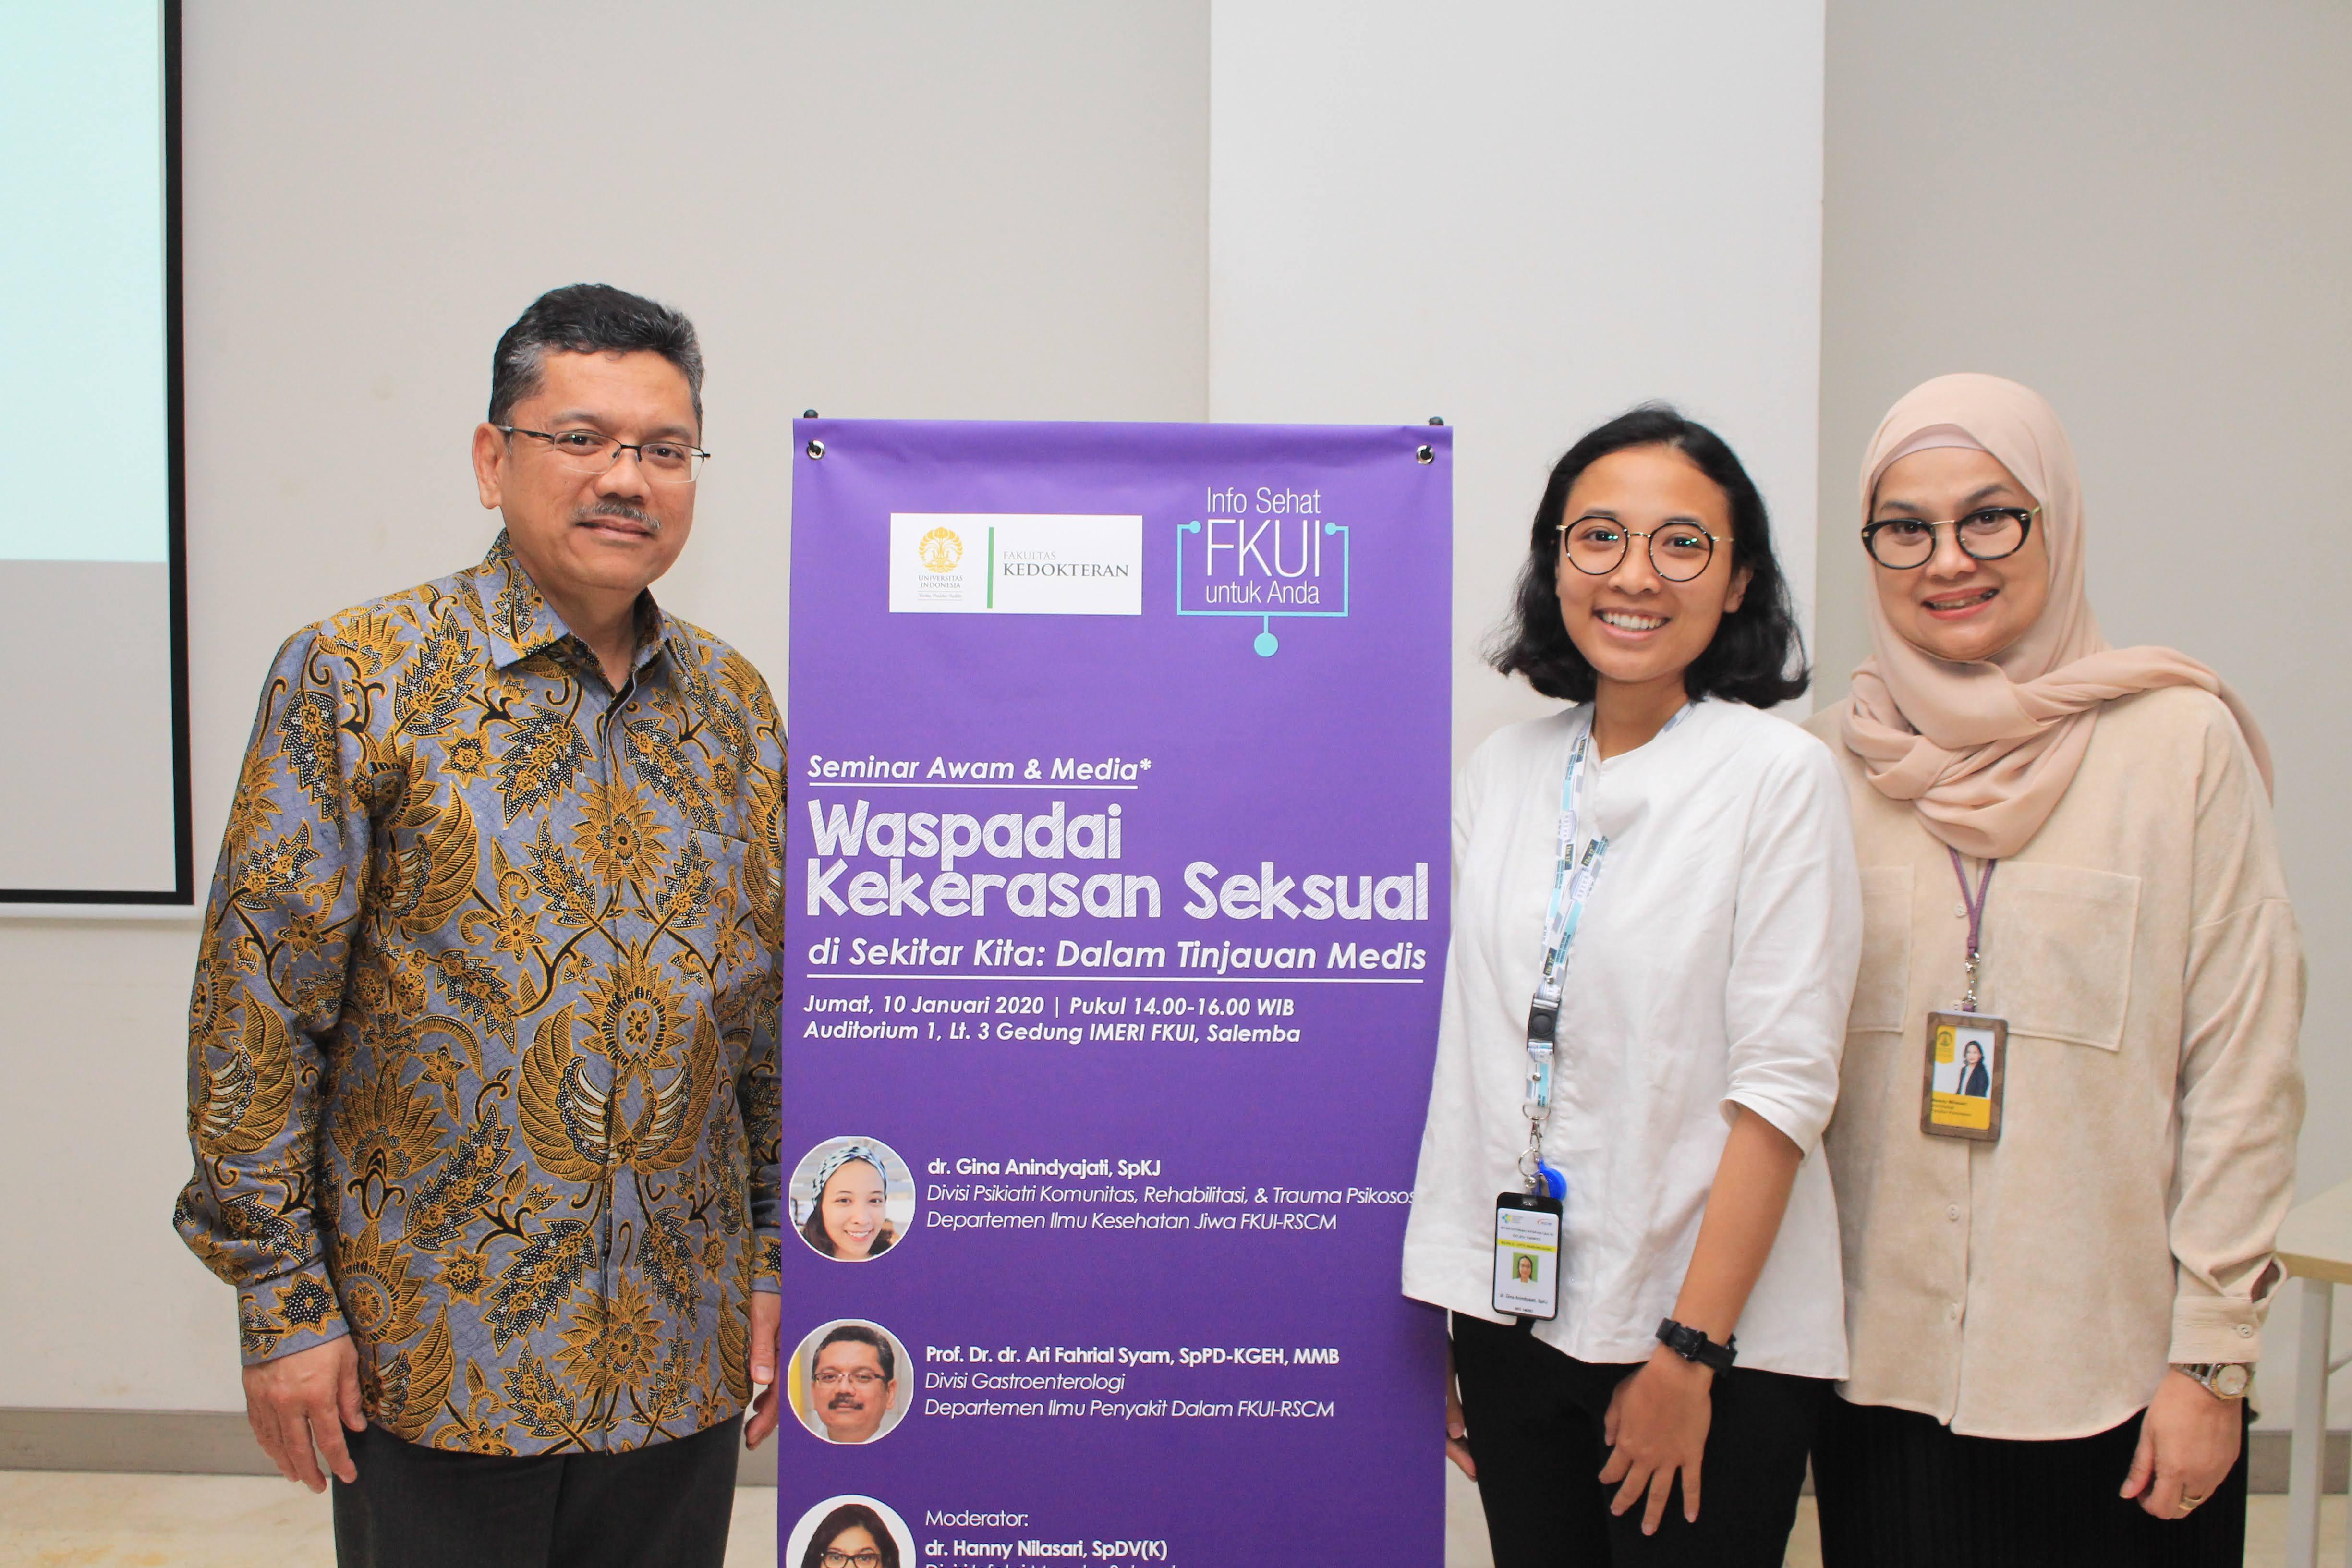 """Seminar Awam """"Waspada Kekerasan Seksual di Sekitar Kita: Dalam Tinjauan Medis"""